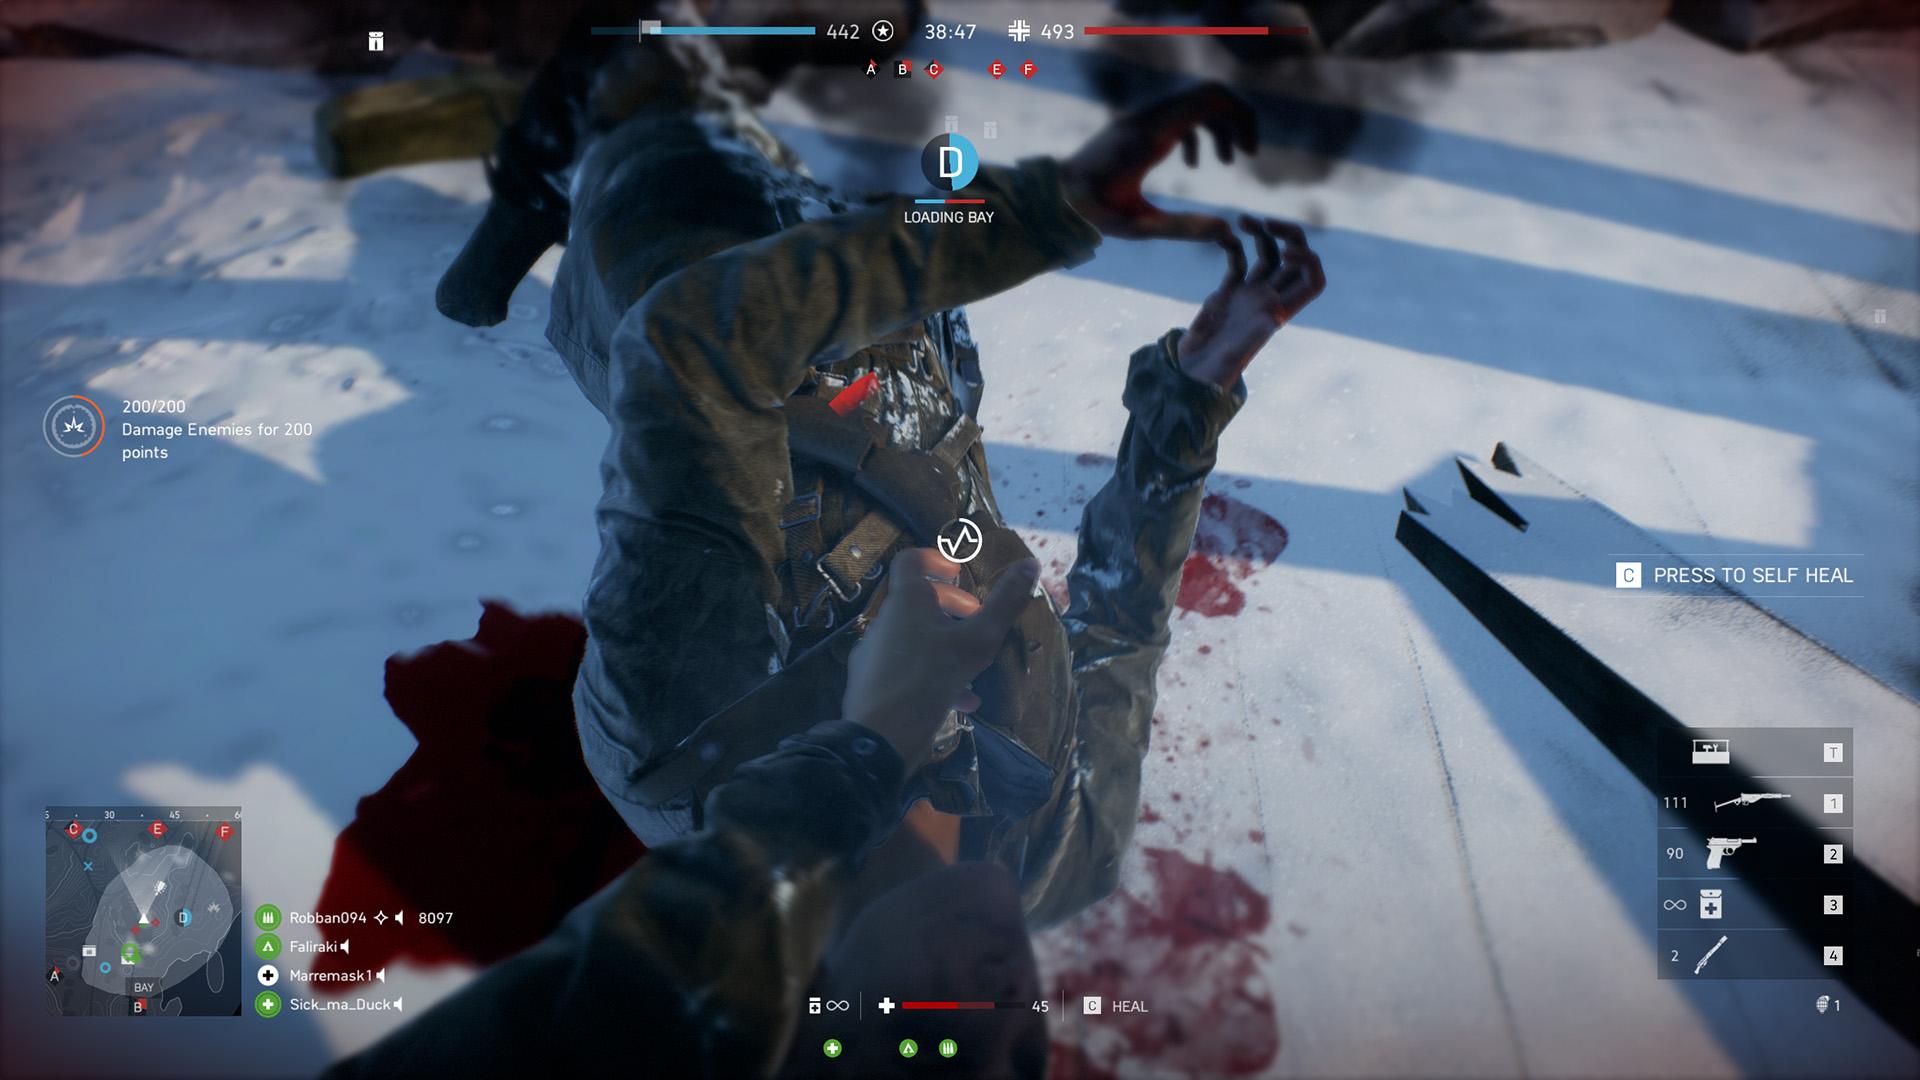 Battlefield V Screenshot 2018_0012_Battlefield V Screenshot 2018.11.11 - 20.41.23.42.jpg